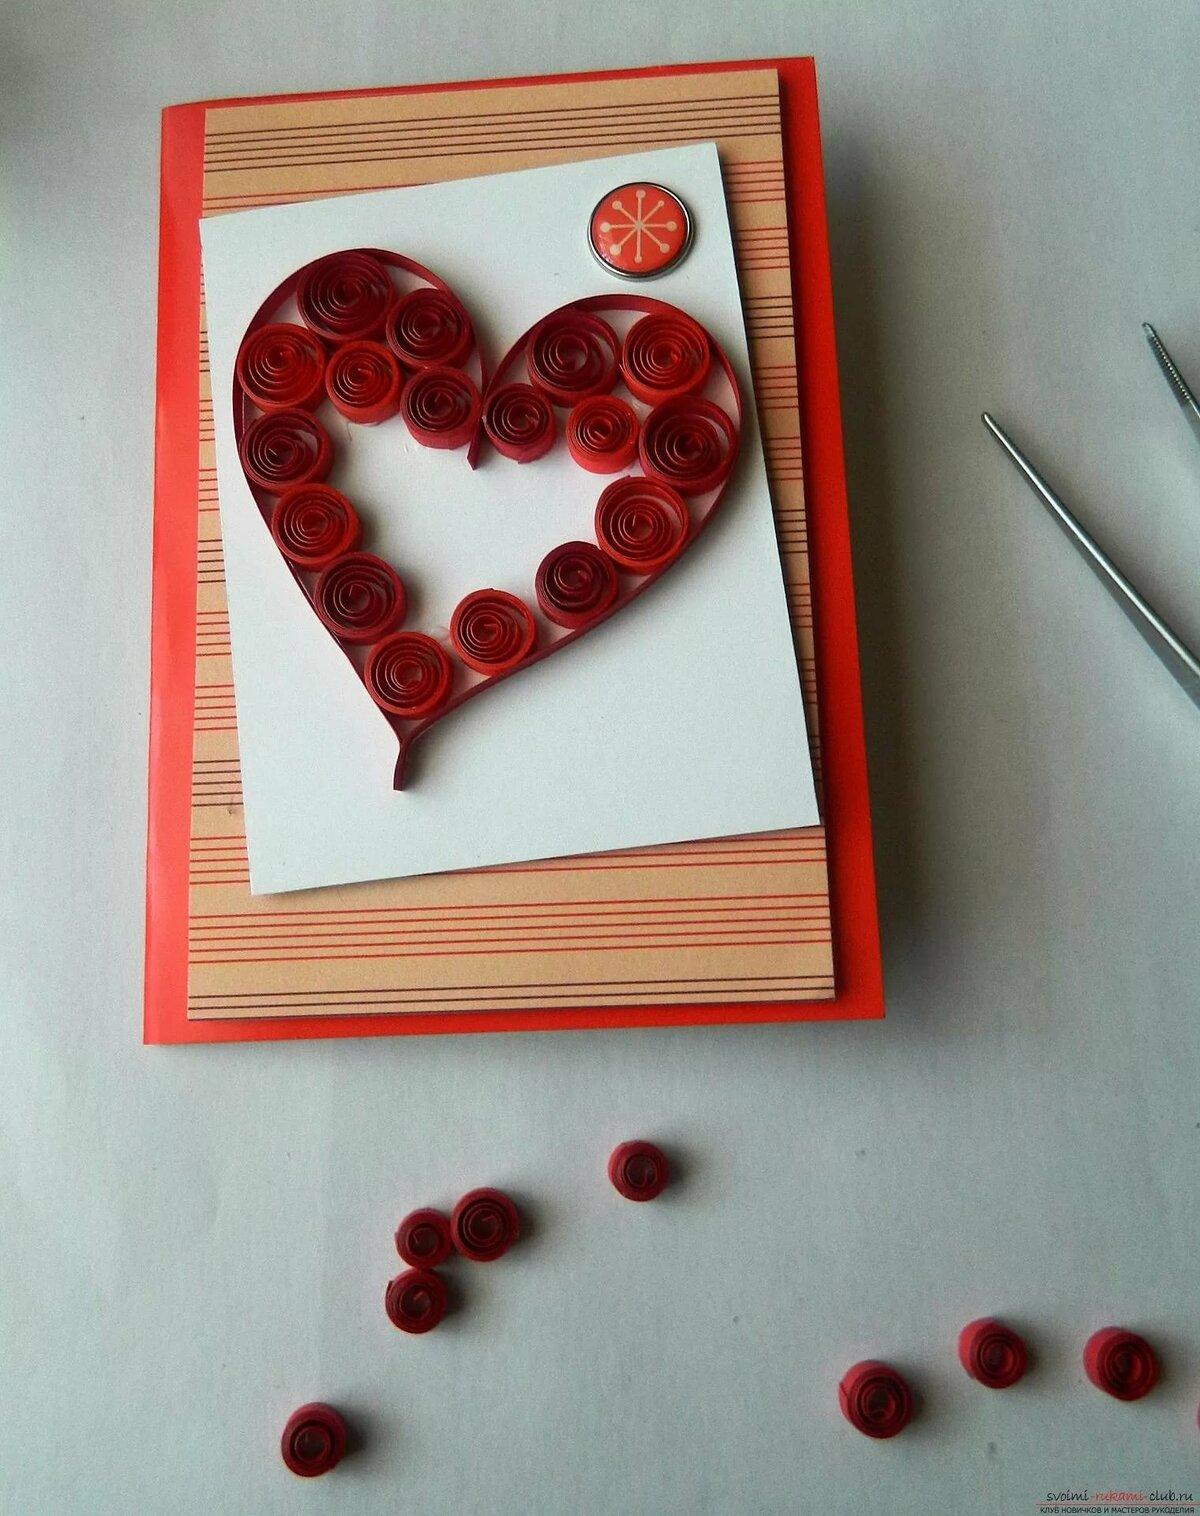 Красивые валентинки: своими руками, мастер класс, из бумаги, разнообразные варианты, красивое оформление